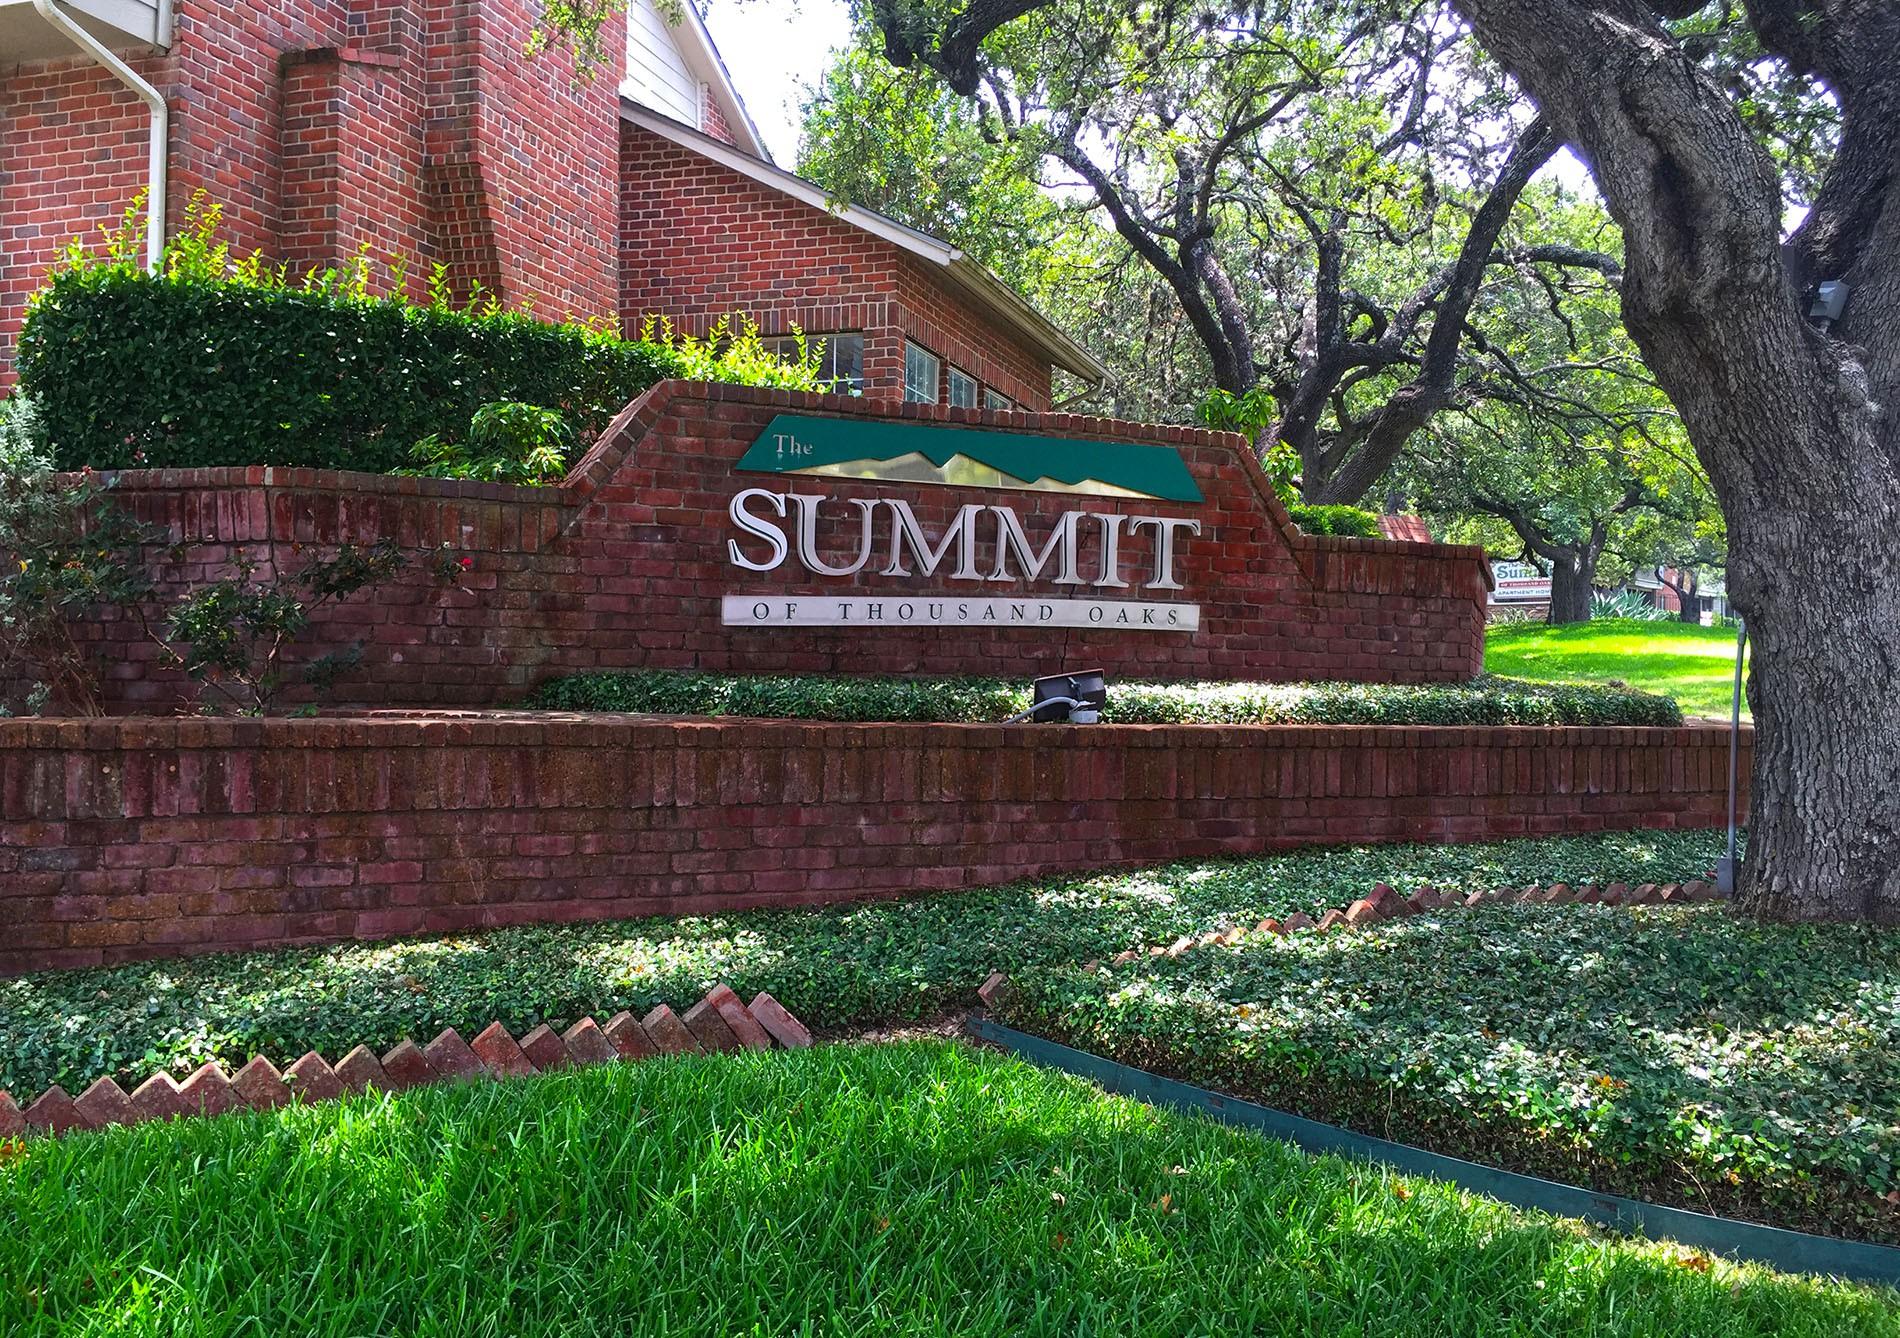 The Summit of Thousand Oaks